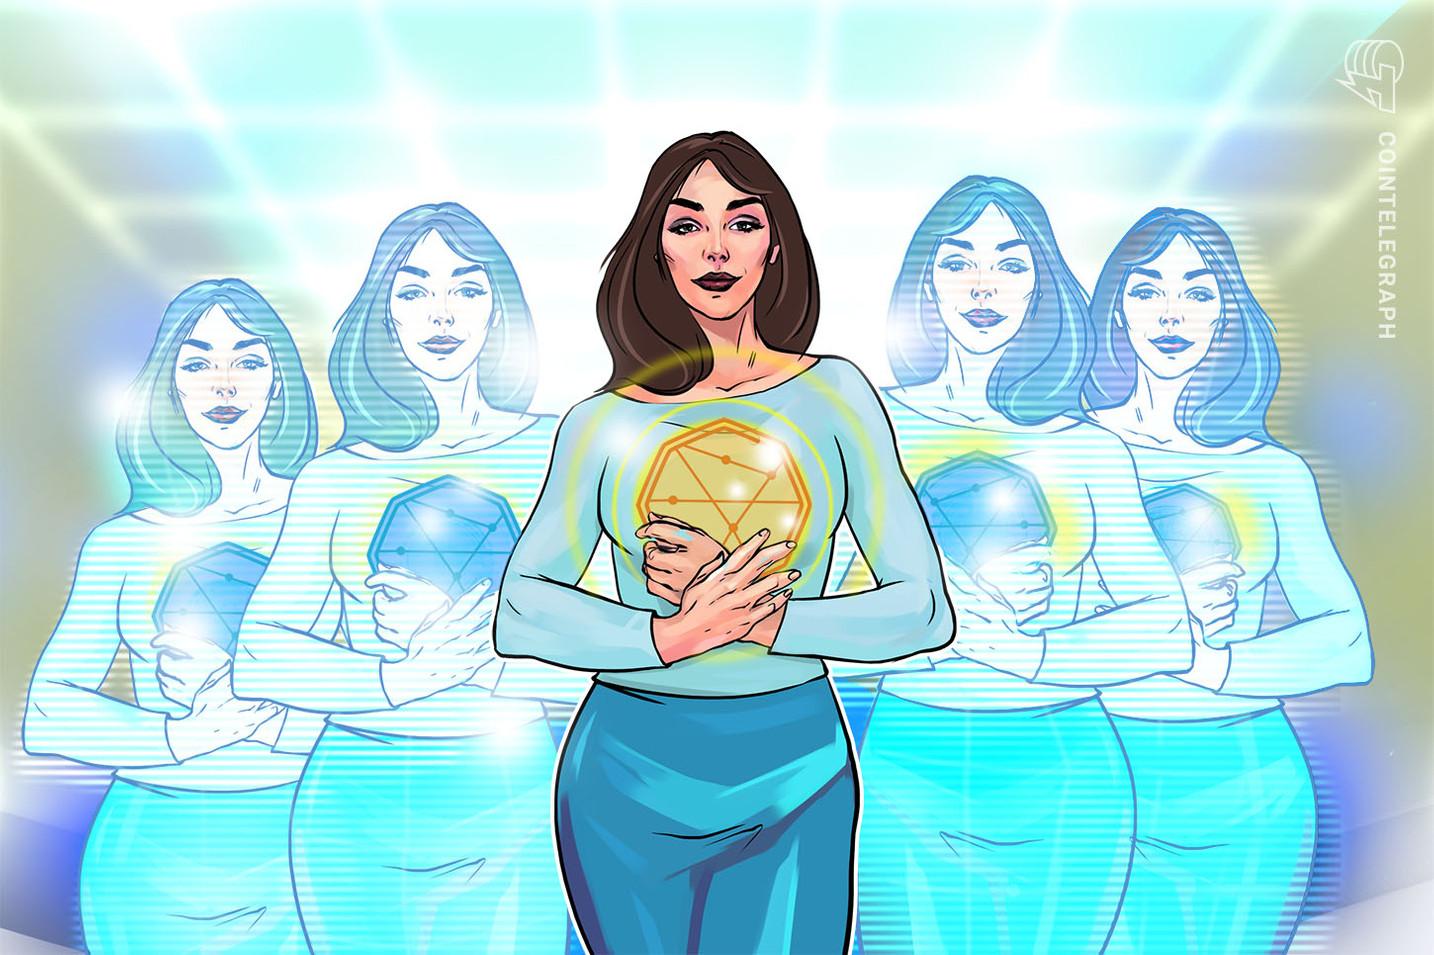 كوينتيليغراف يحتفل باليوم العالمي للمرأة من خلال مائدة مستديرة لكل النجوم من النساء الرائدات في مجال العملات المشفرة